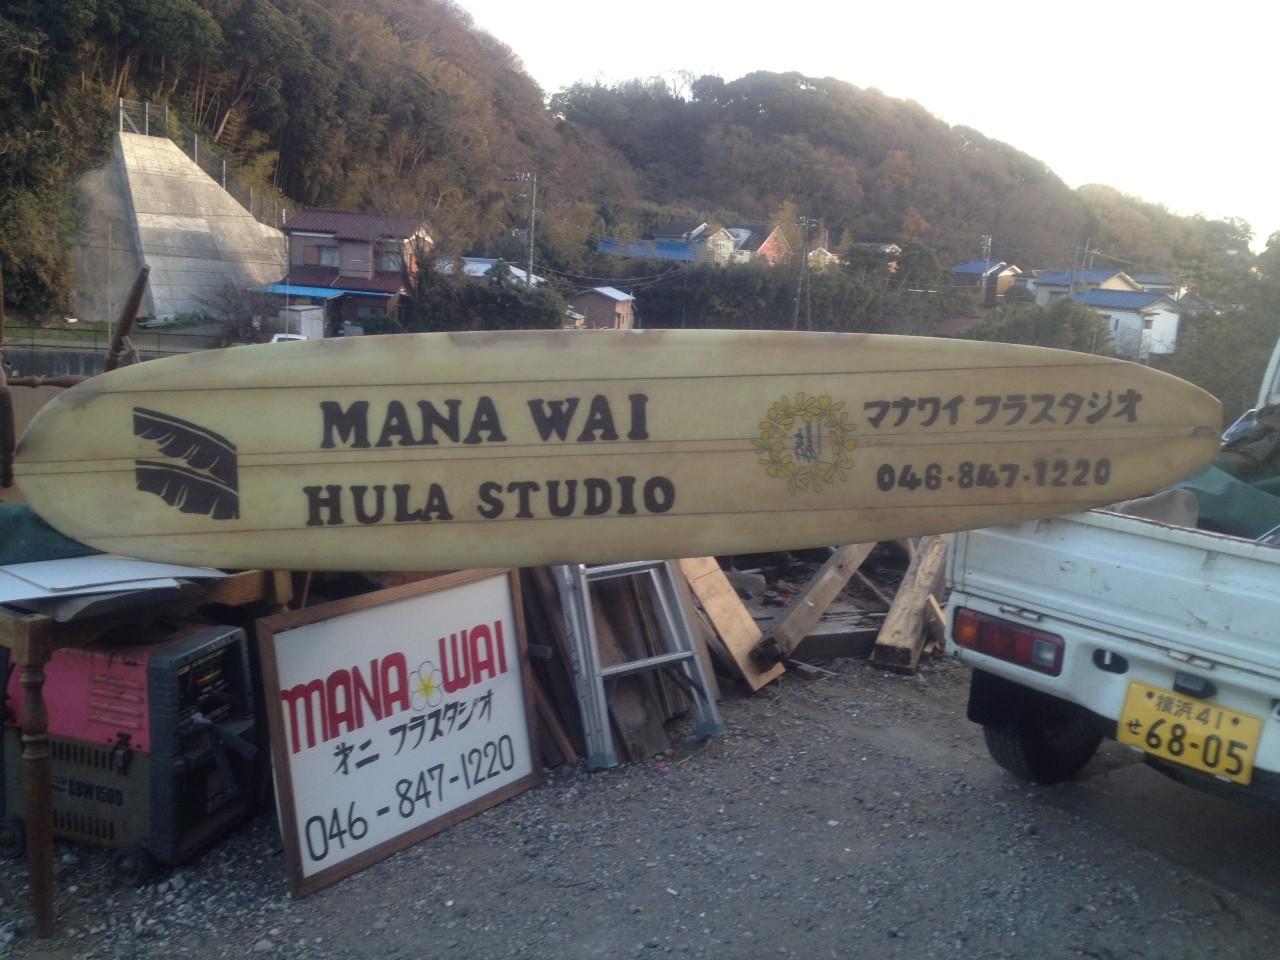 武スタジオにつける看板完成!サーフボードで出来ているんですよ!